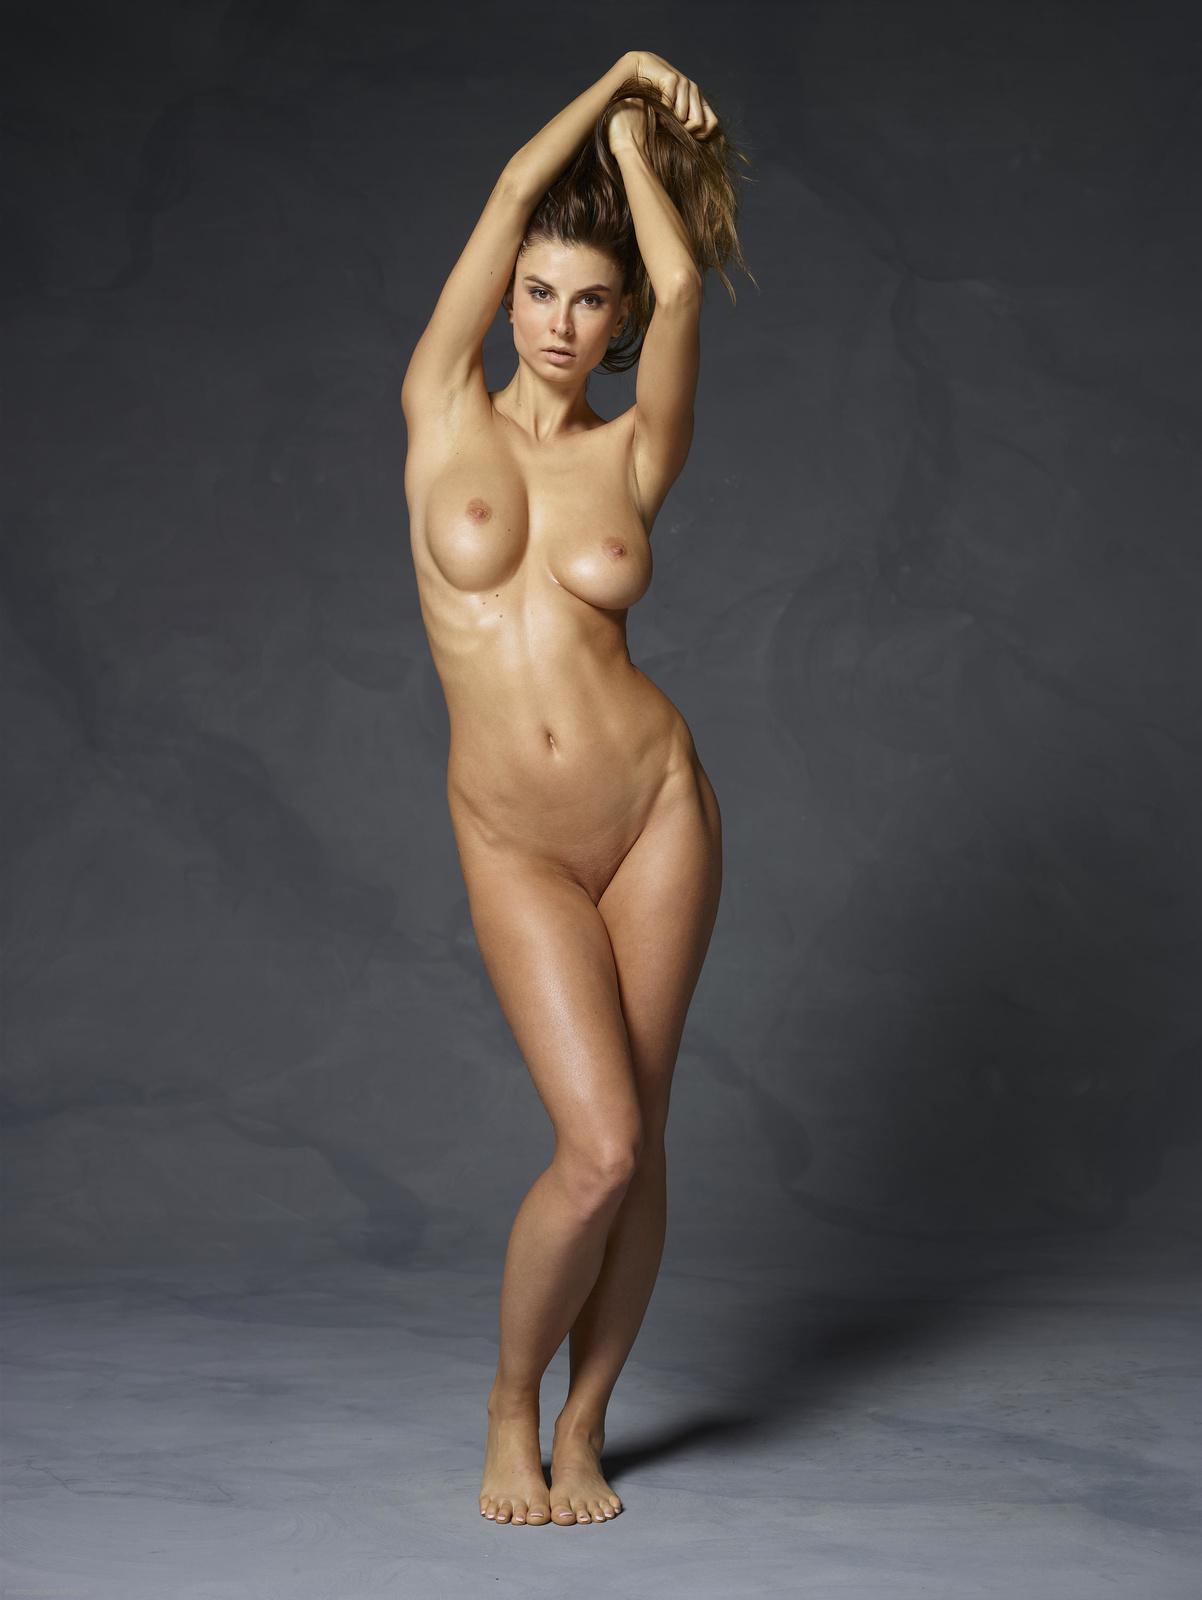 Zdjęcie porno - 0723 - Jędrne ciałko super babki